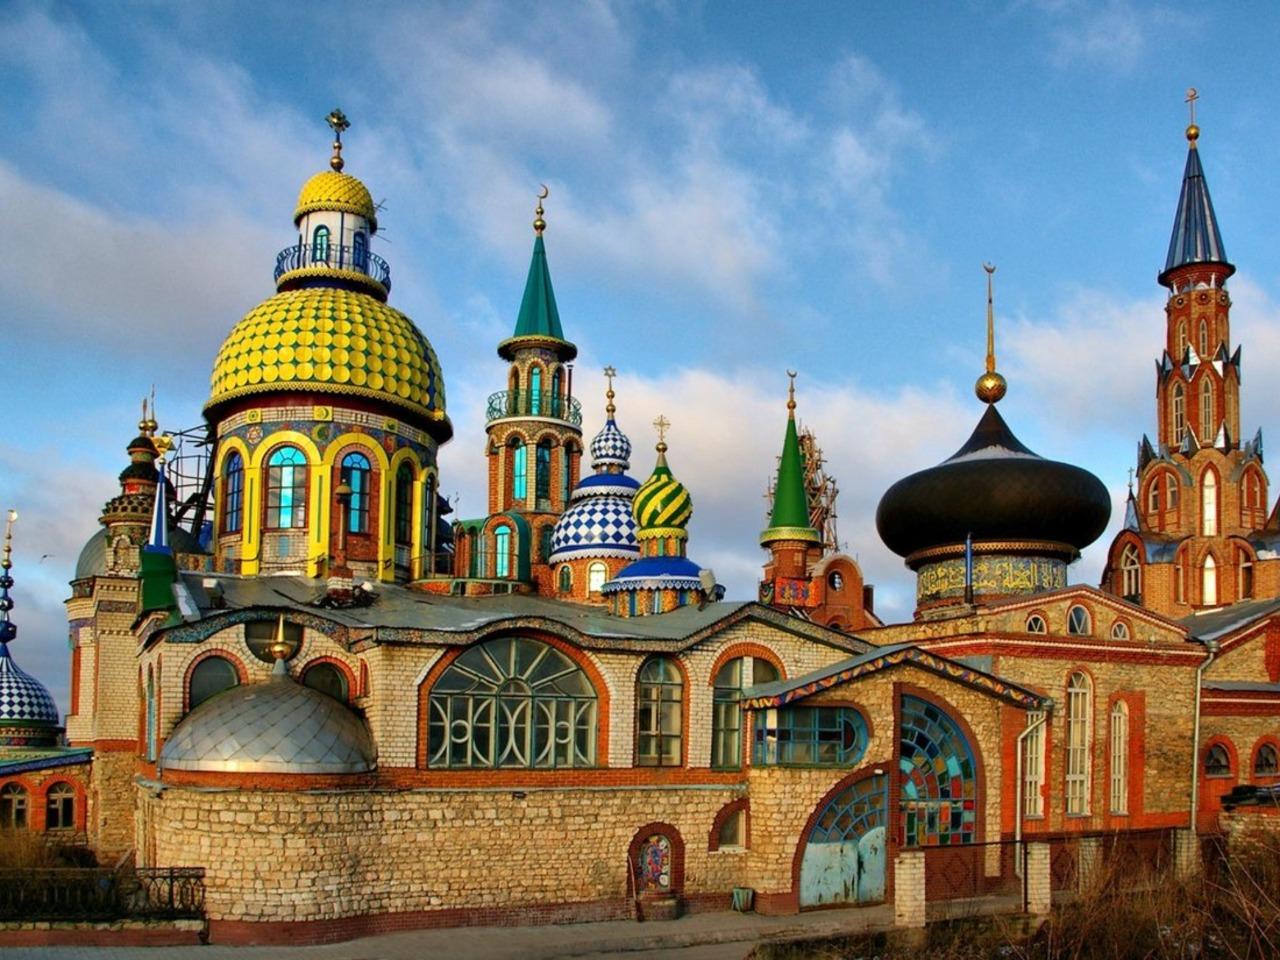 Казань с высоты и Вселенский храм (летняя) - индивидуальная экскурсия в Казани от опытного гида